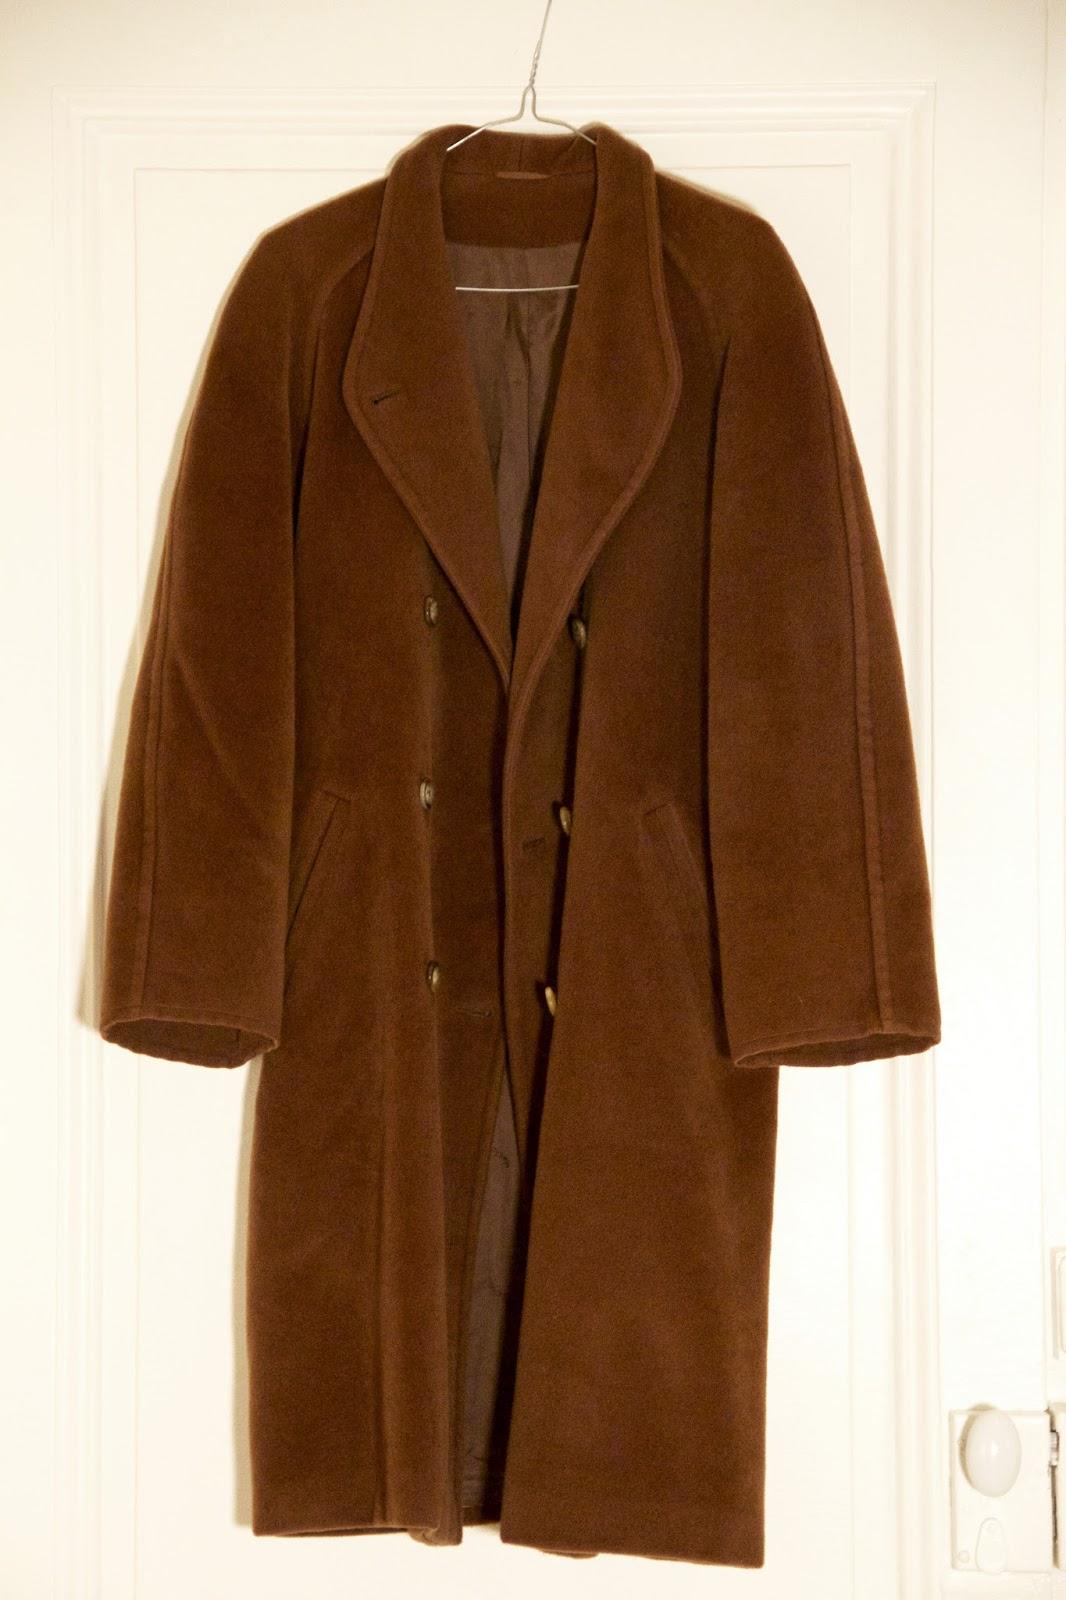 26c0b90d4393 Le top   Sur Vinted --  http   www.vinted .fr mode-femmes blouses-and-chemises 18721086-top-en-mousseline-hm-marron